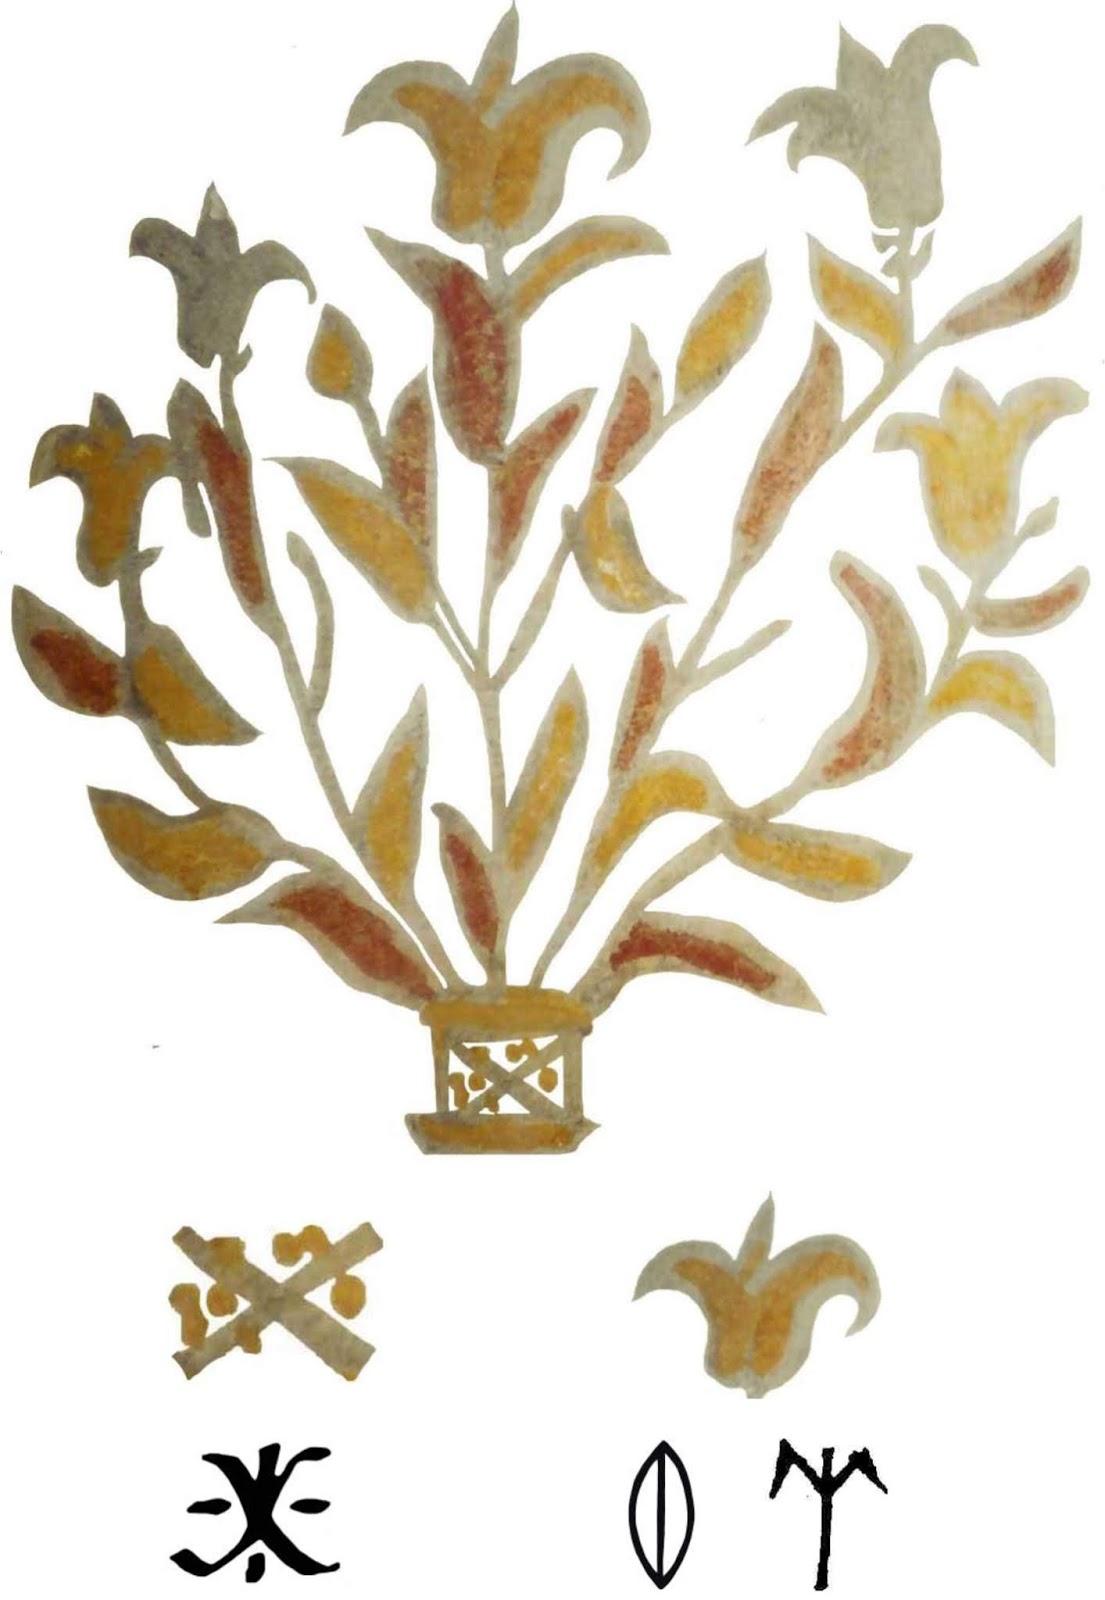 caf70b87b0 10. ábra. Nagykörűi honfoglalás kori veret az Isten olvasatú, növényi  ornamentikának tűnő hieroglifával